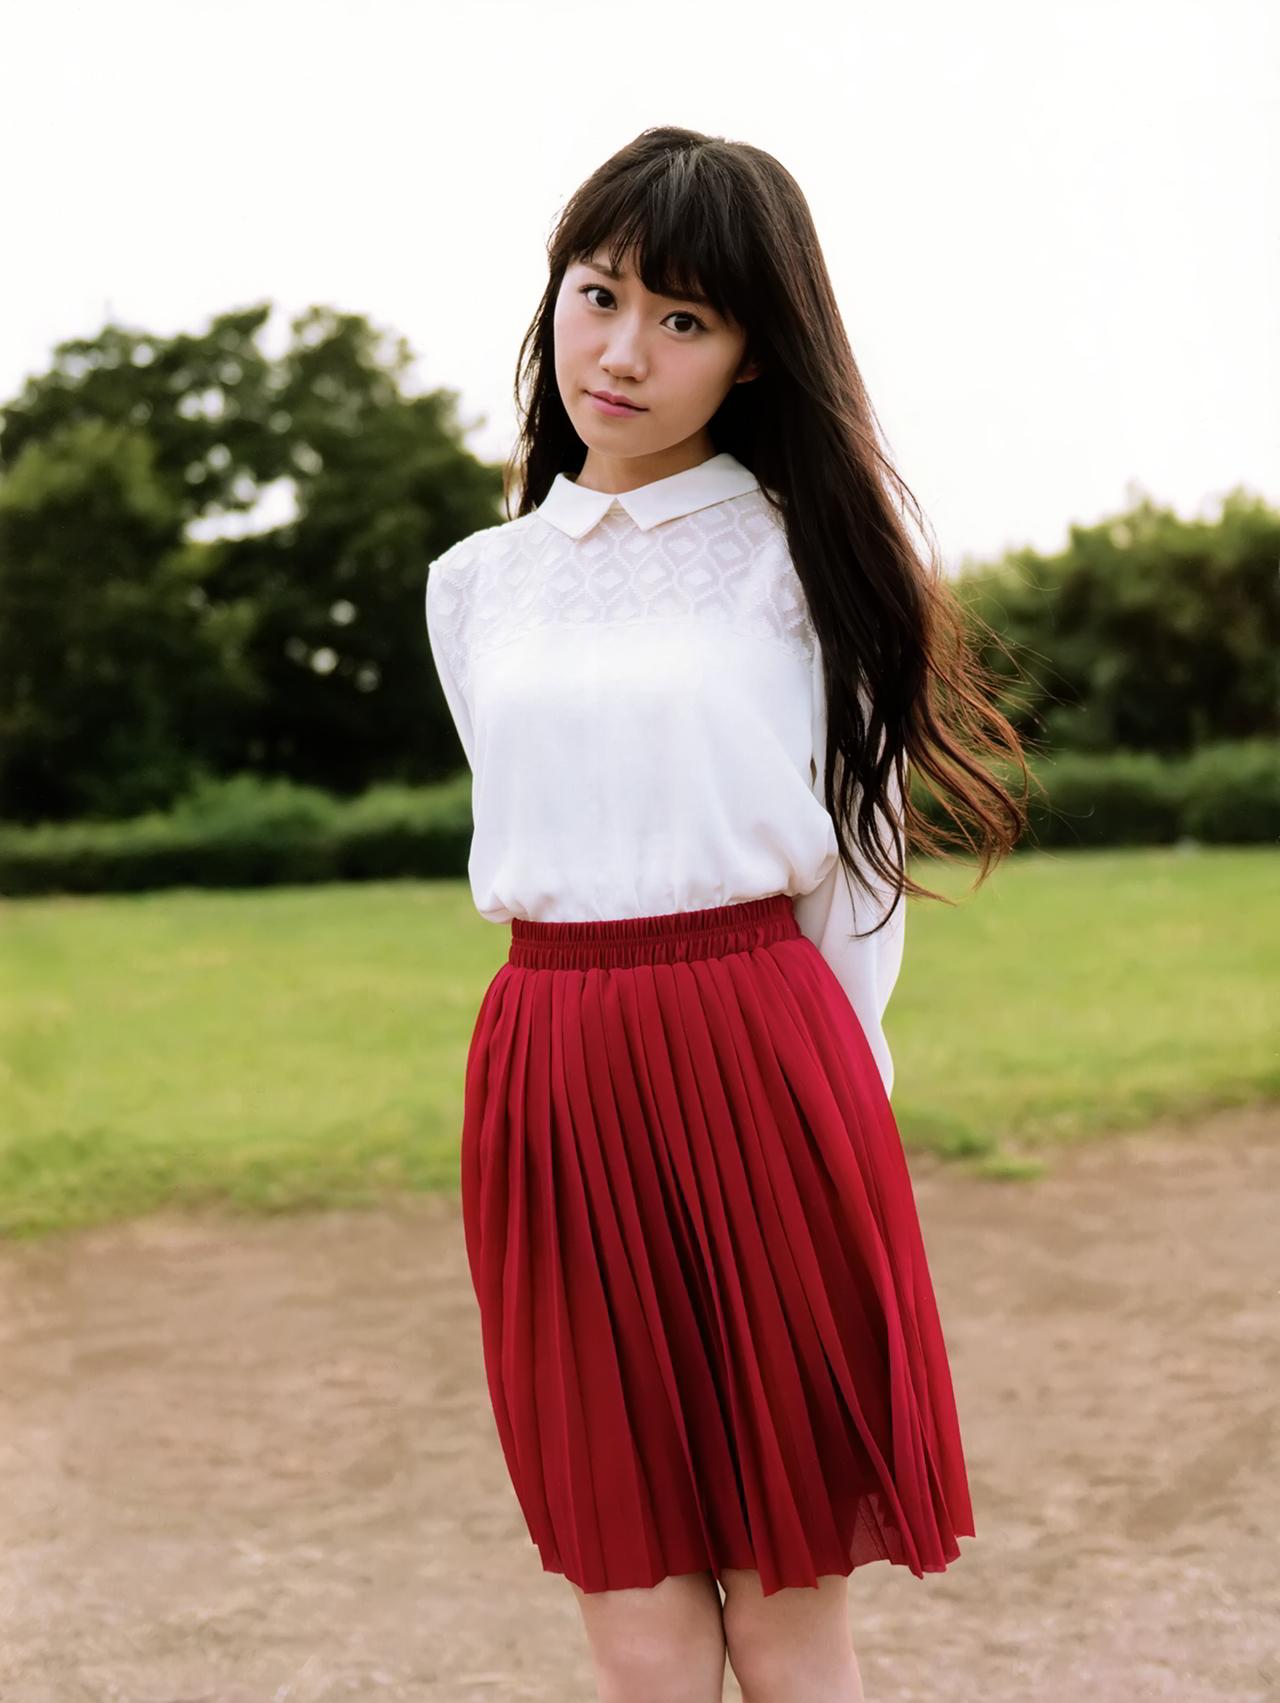 http://blog-imgs-72.fc2.com/g/e/k/gekiseiyuuarchive/08ogura.jpg